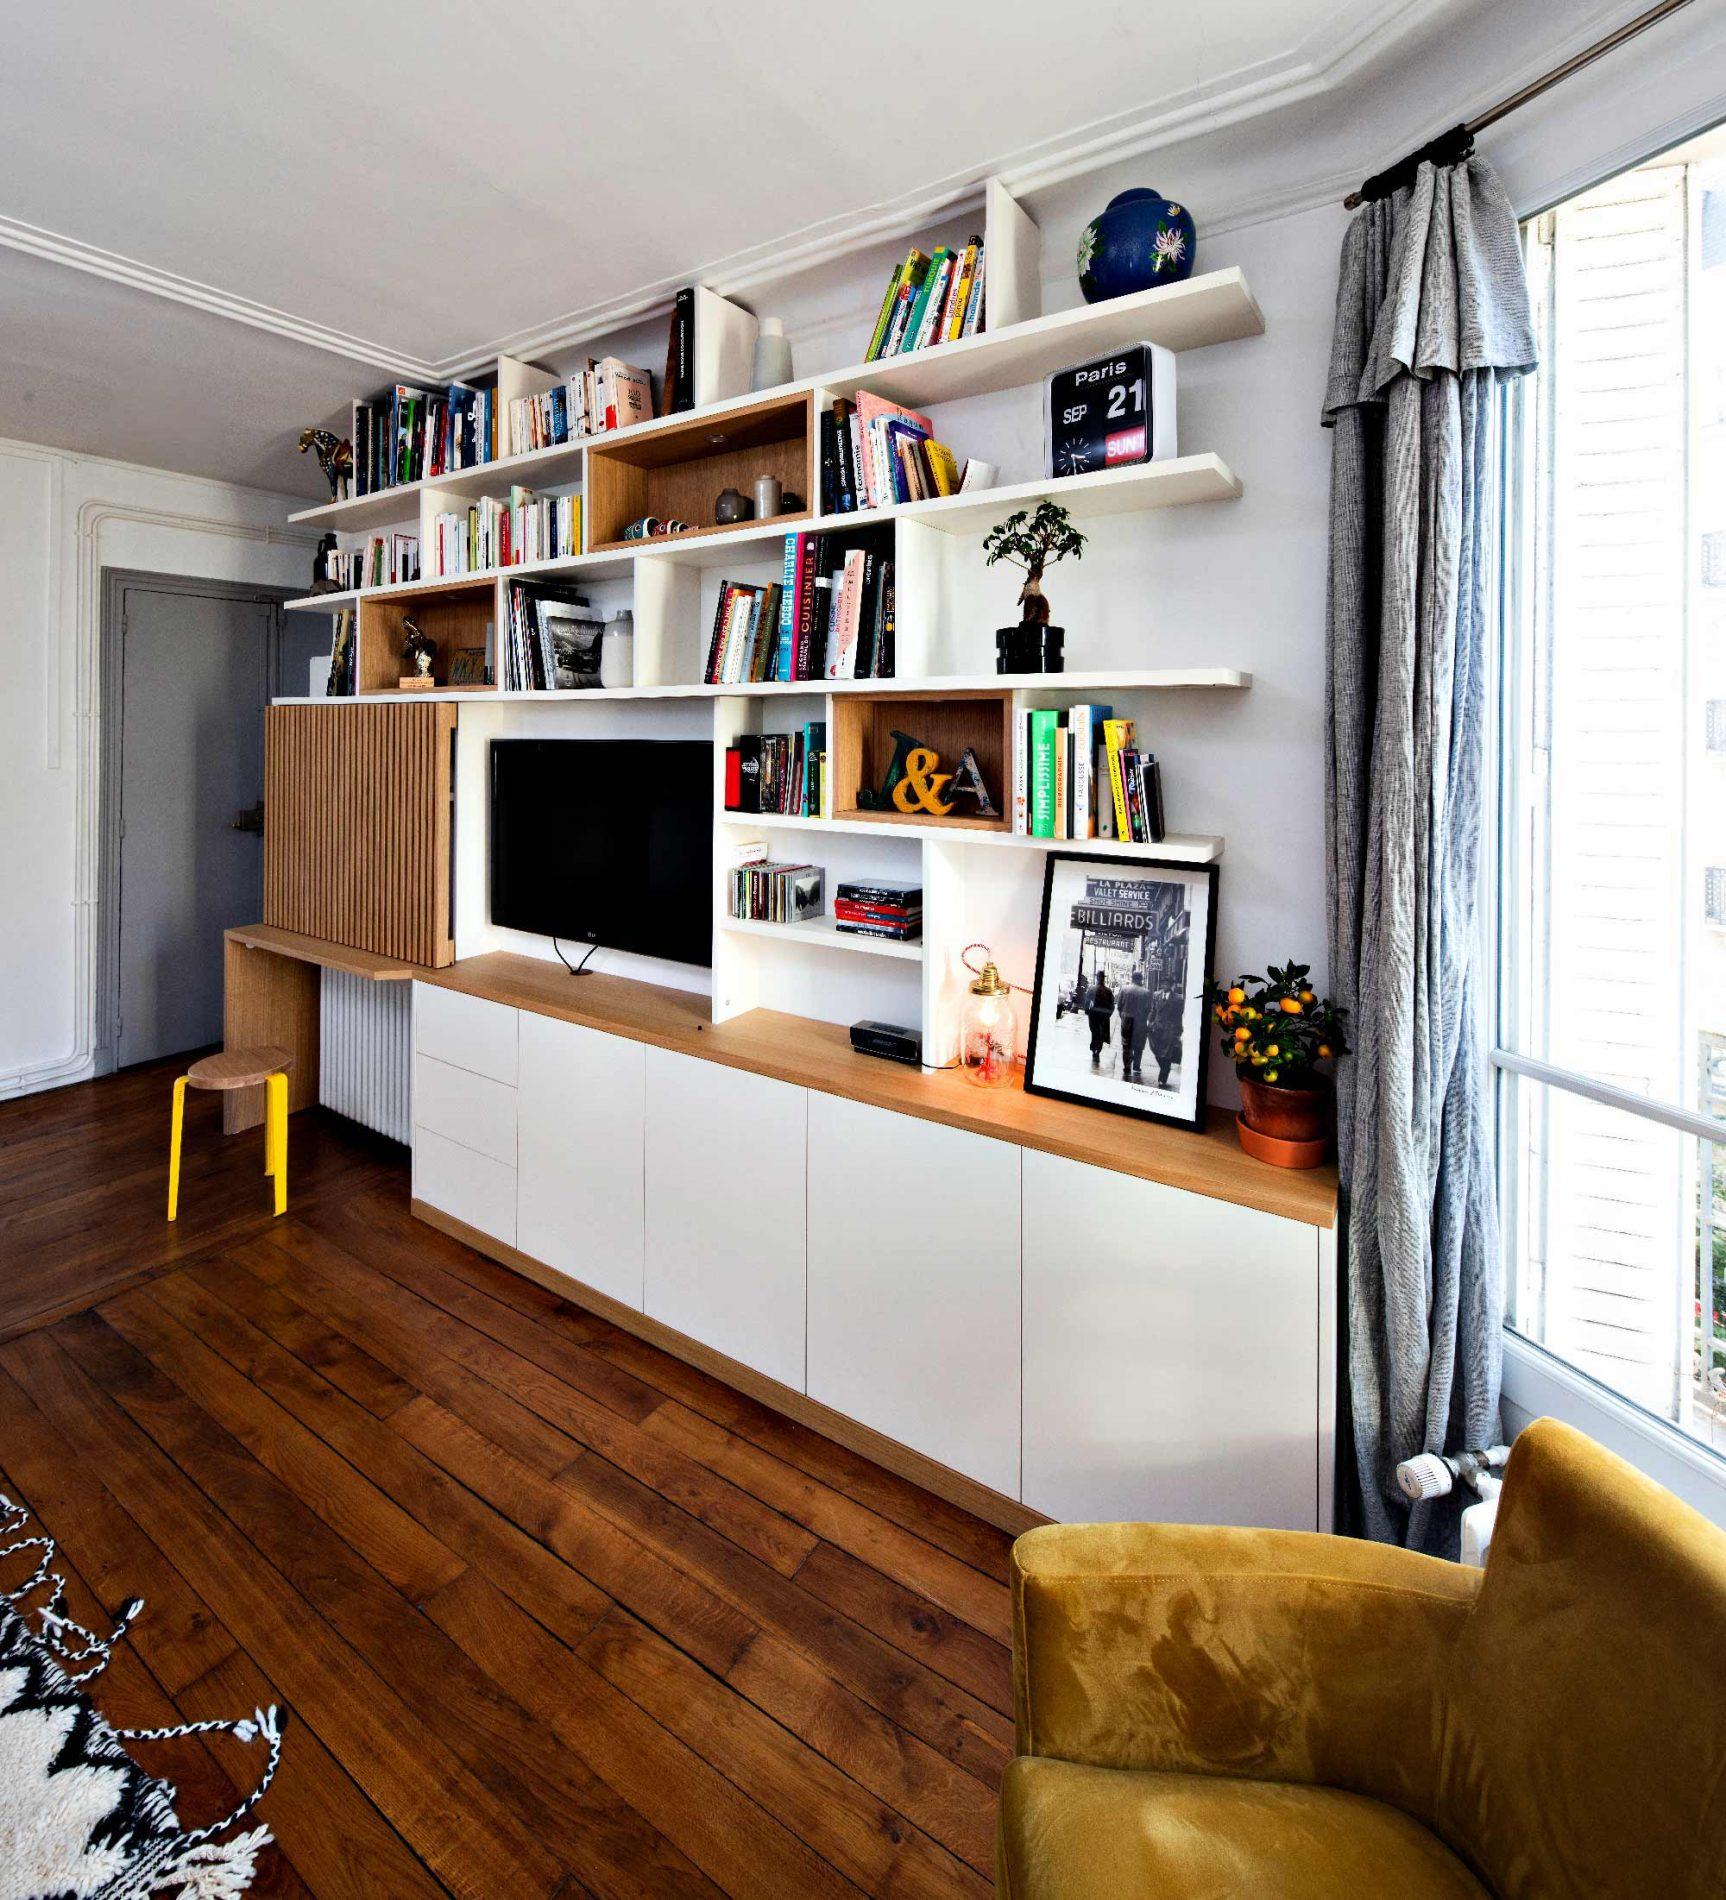 Bibliothèque Meuble TV avec bureau et portes coulissantes avec tasseaux en bois - vue de droite